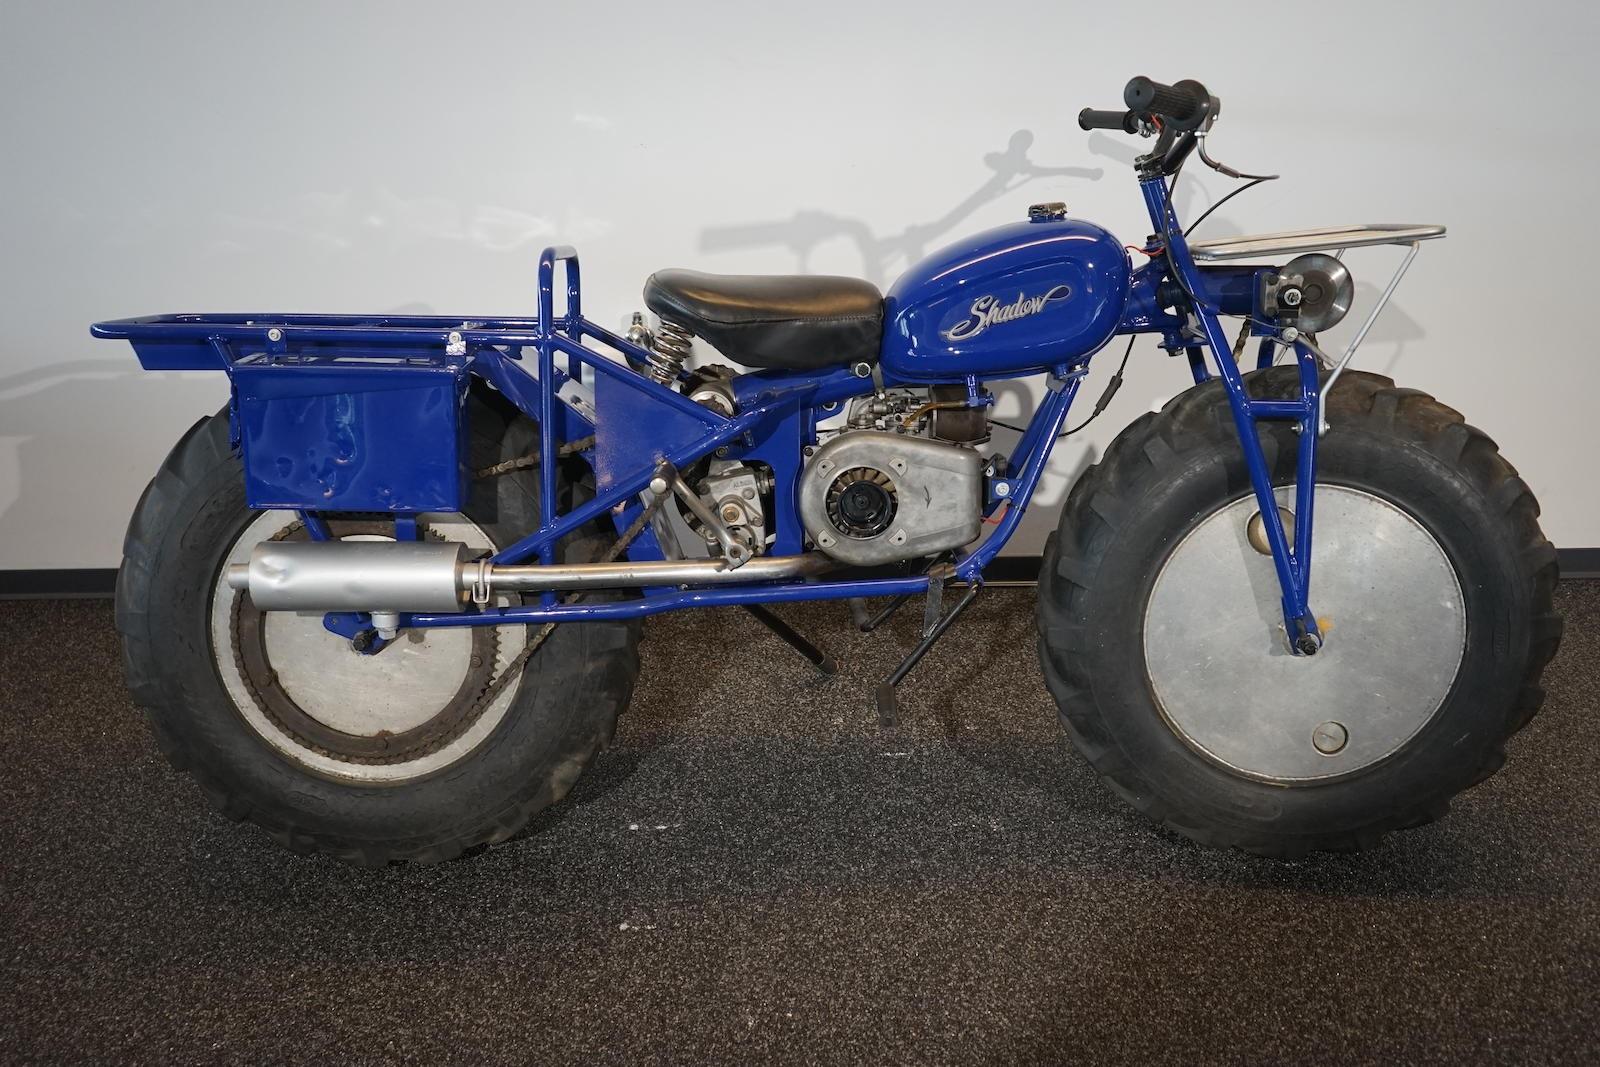 c.1969 Rokon Trail-Breaker Two-wheel-drive Motorcycle